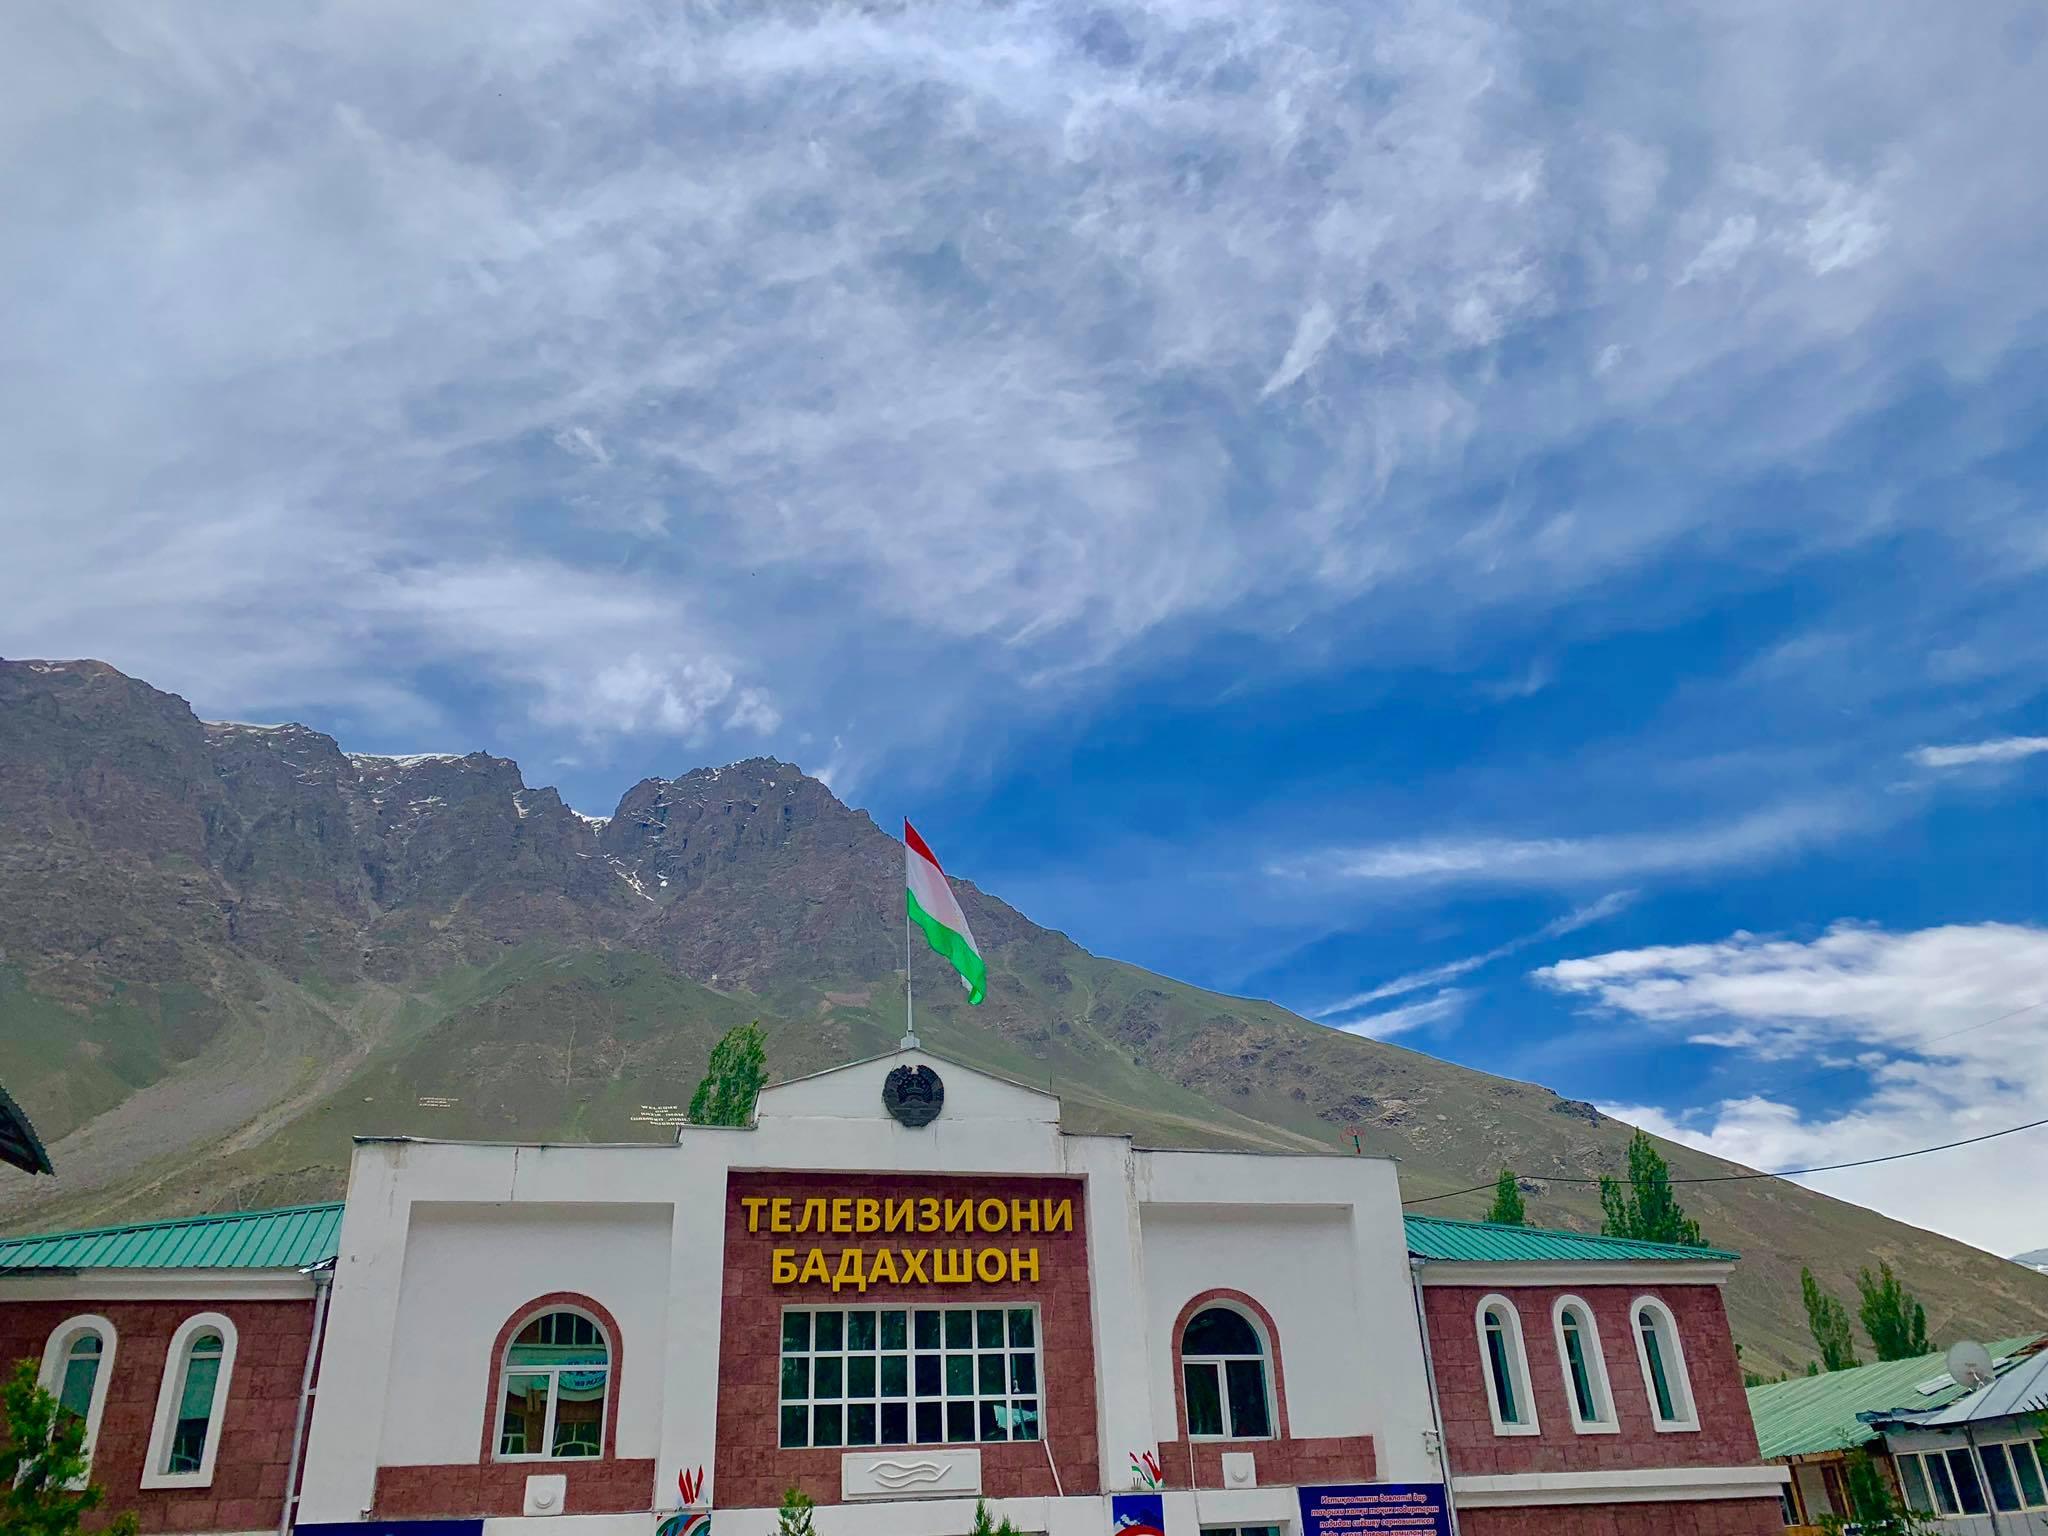 Kach Solo Travels in 2019 Pamir Highway Trip in Tajikistan3.jpg